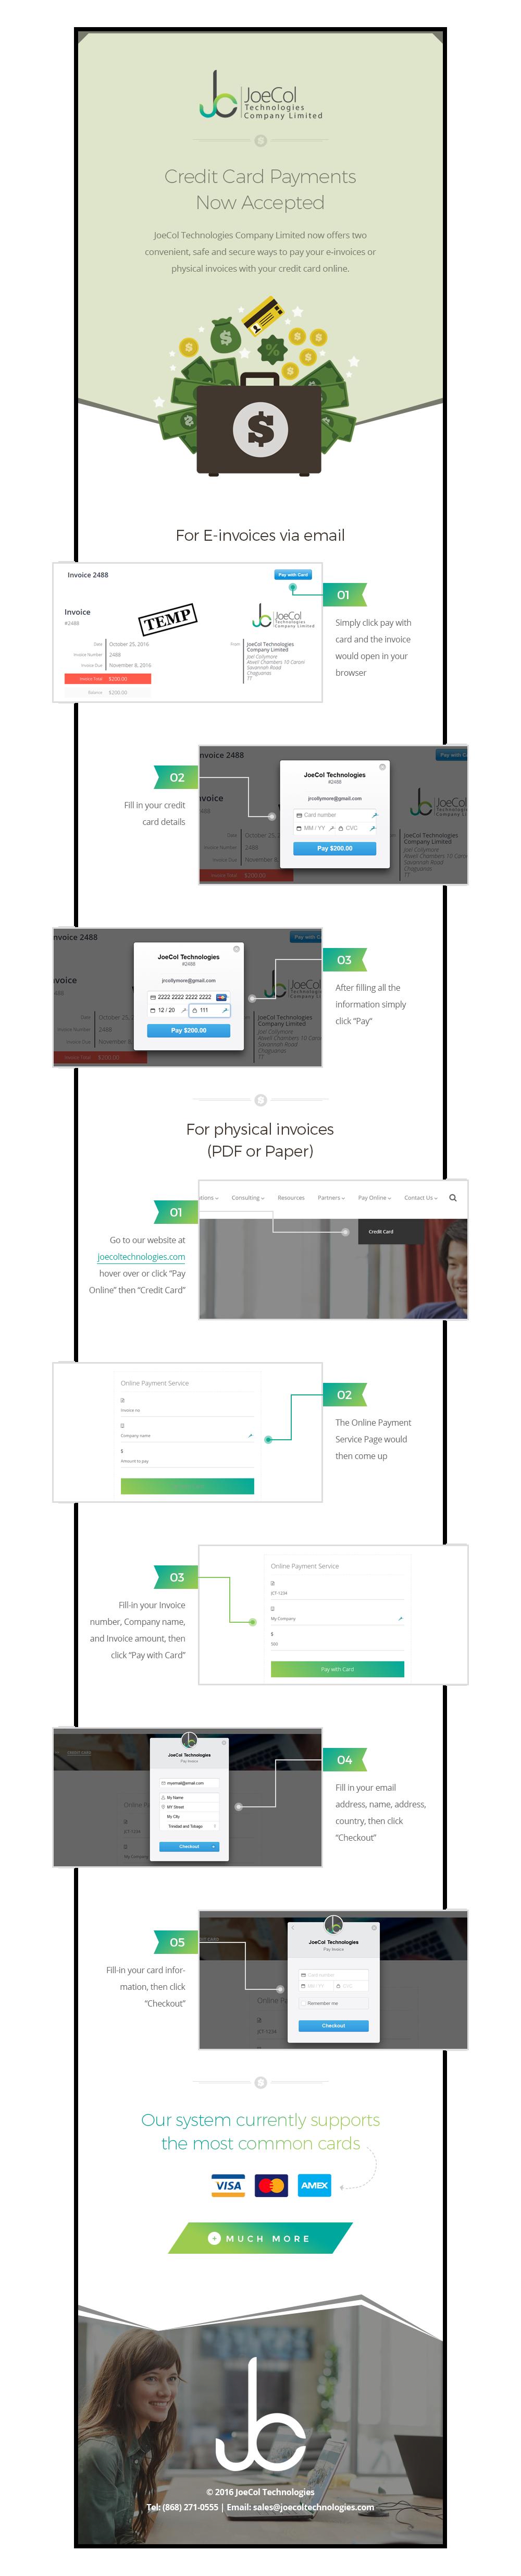 invoice_infographic